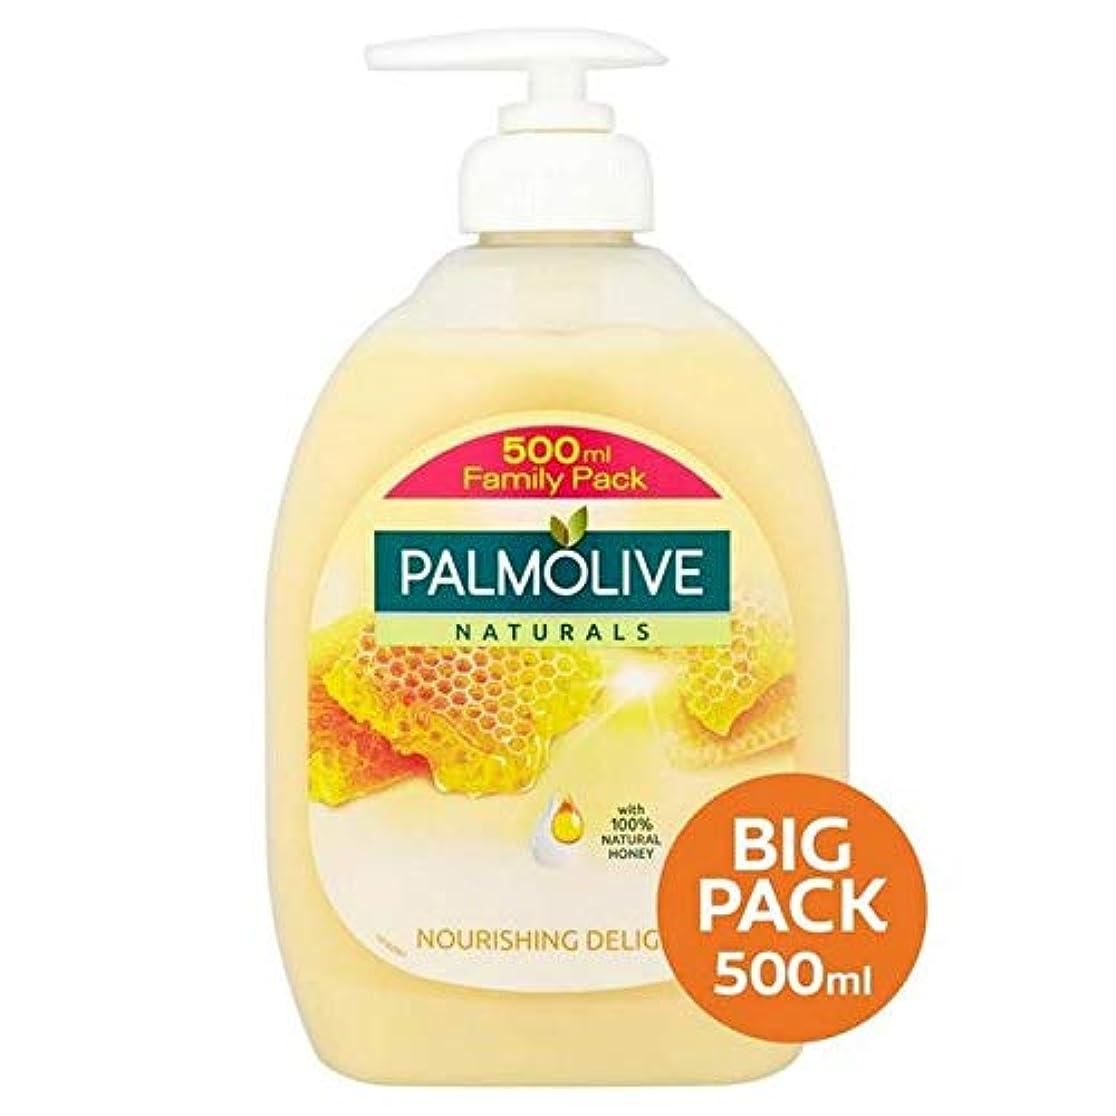 シーン非行生産性[Palmolive ] パルモライブナチュラルミルク&ハニーの手洗いの500ミリリットル - Palmolive Naturals Milk & Honey Handwash 500ml [並行輸入品]